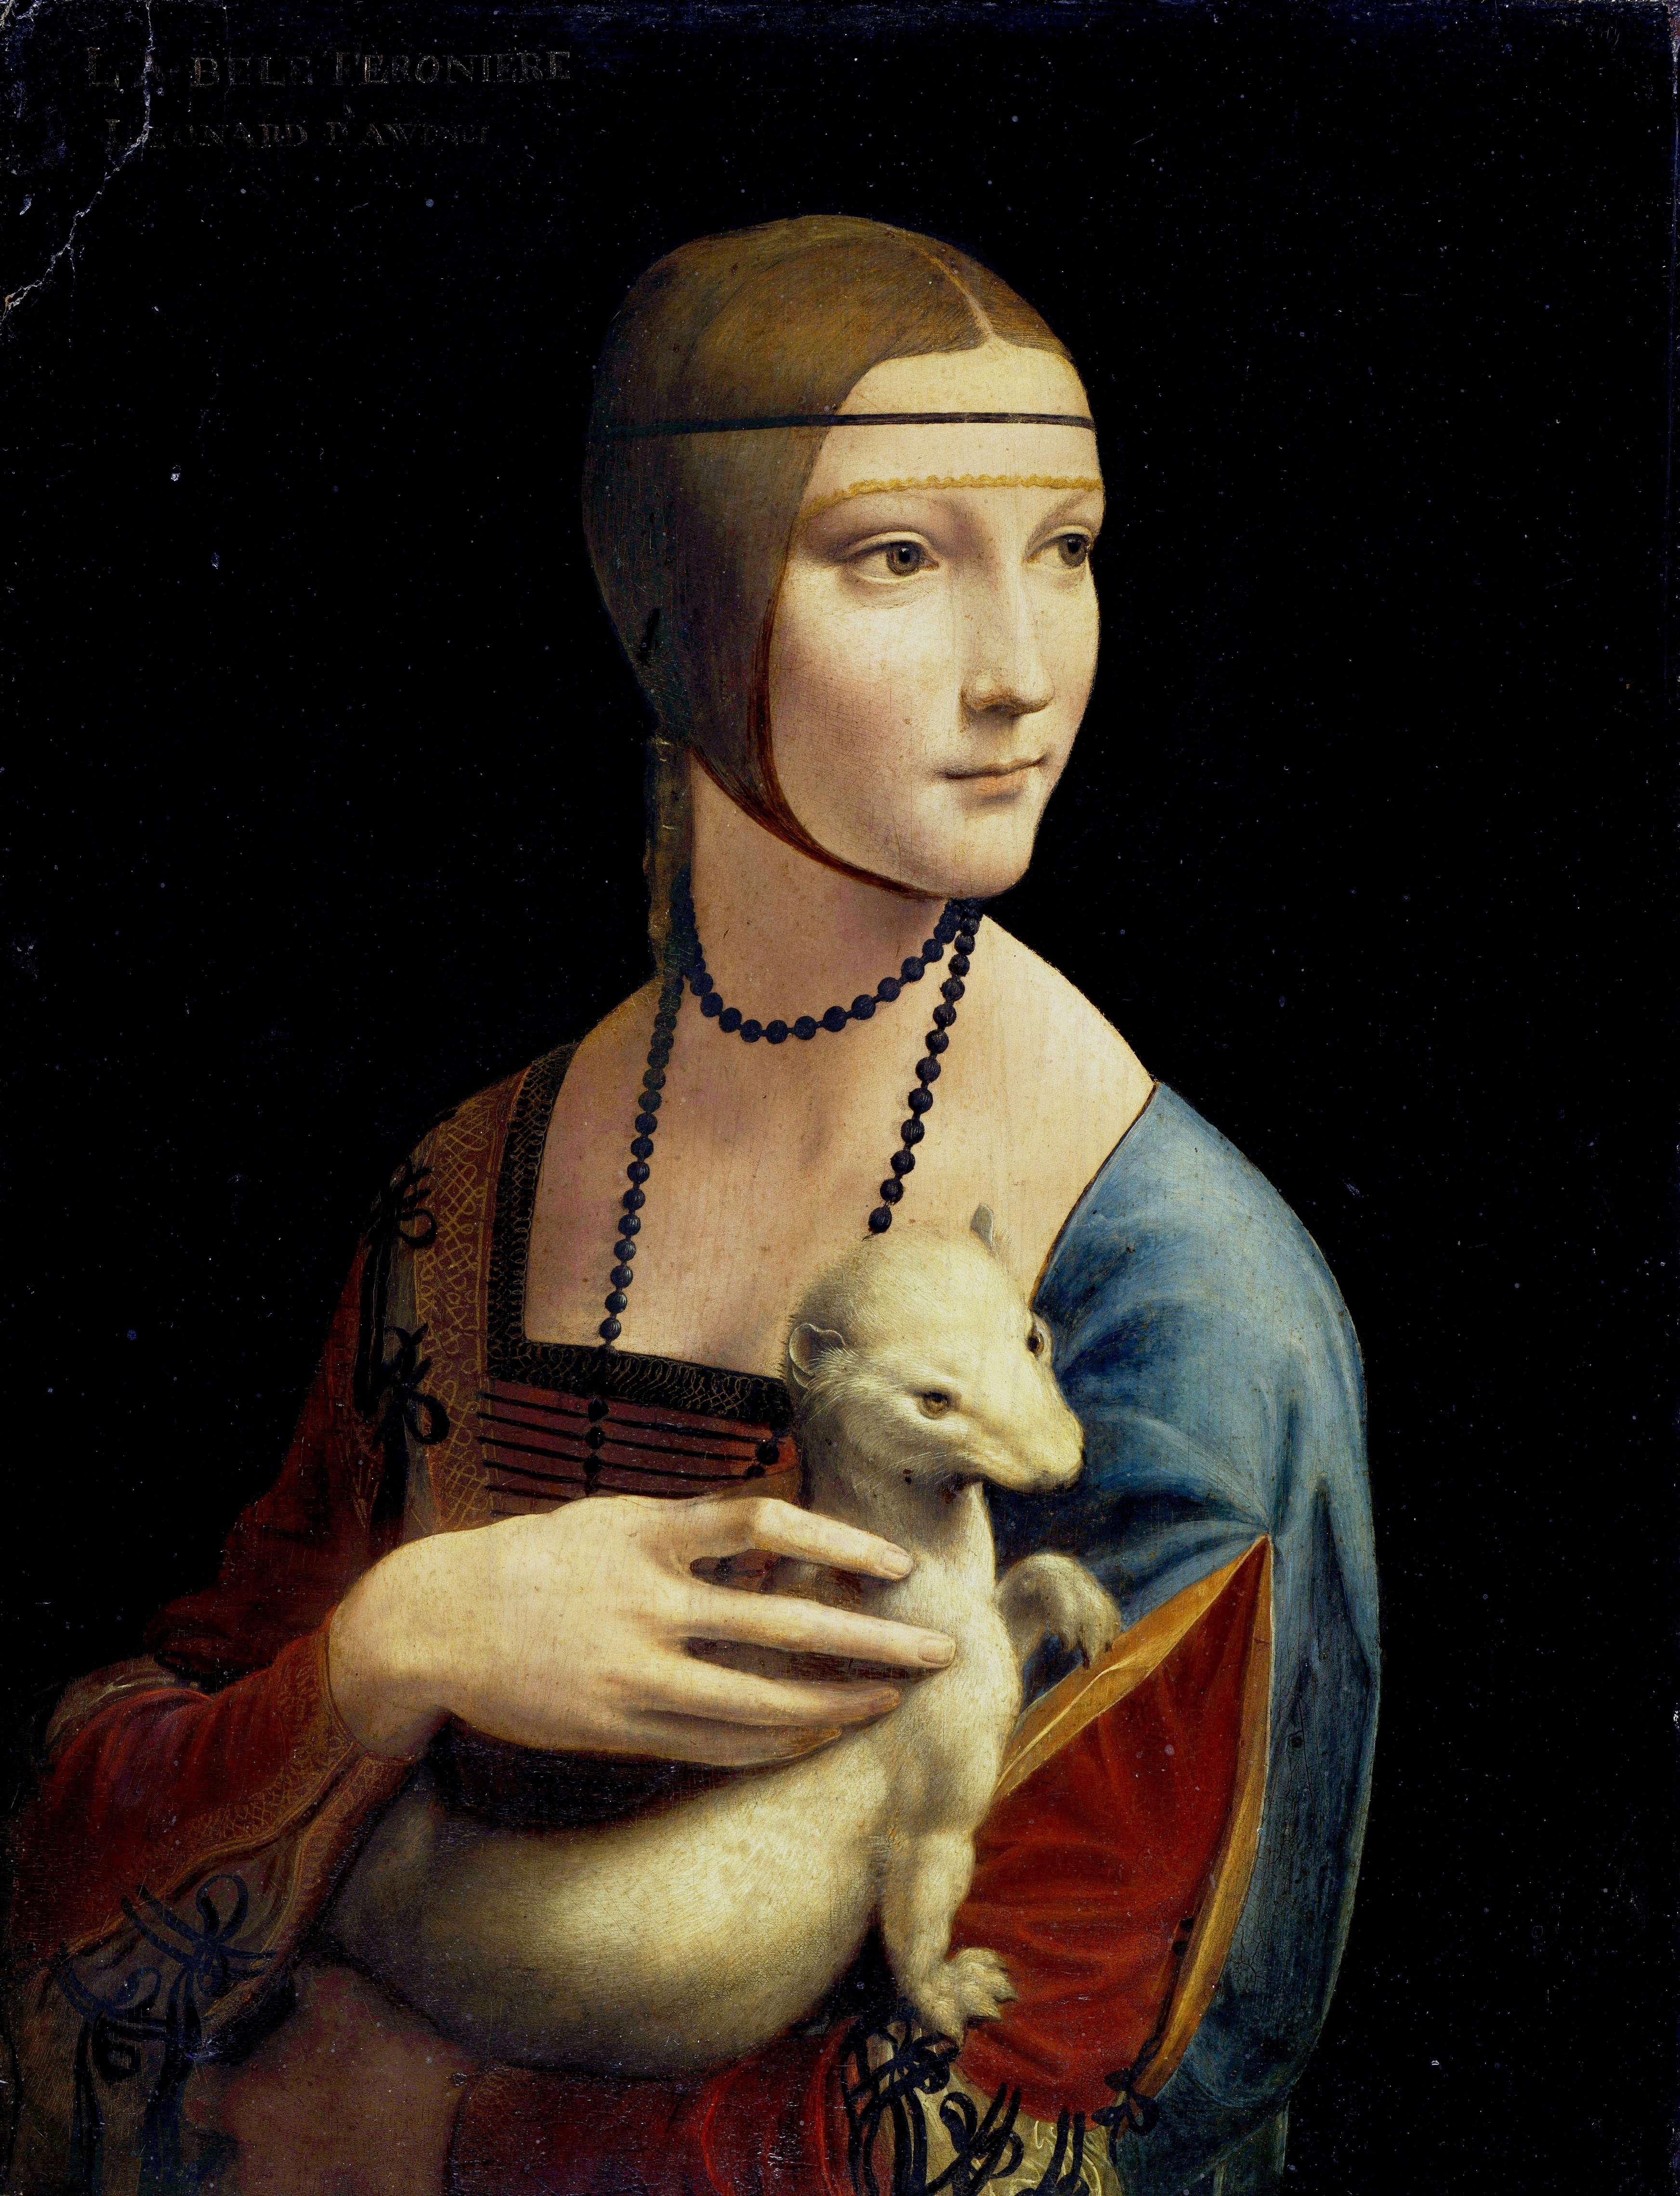 Leonardo da Vinci's Lady with an Ermine, 1490, Czartoryski Museum, Krakow.